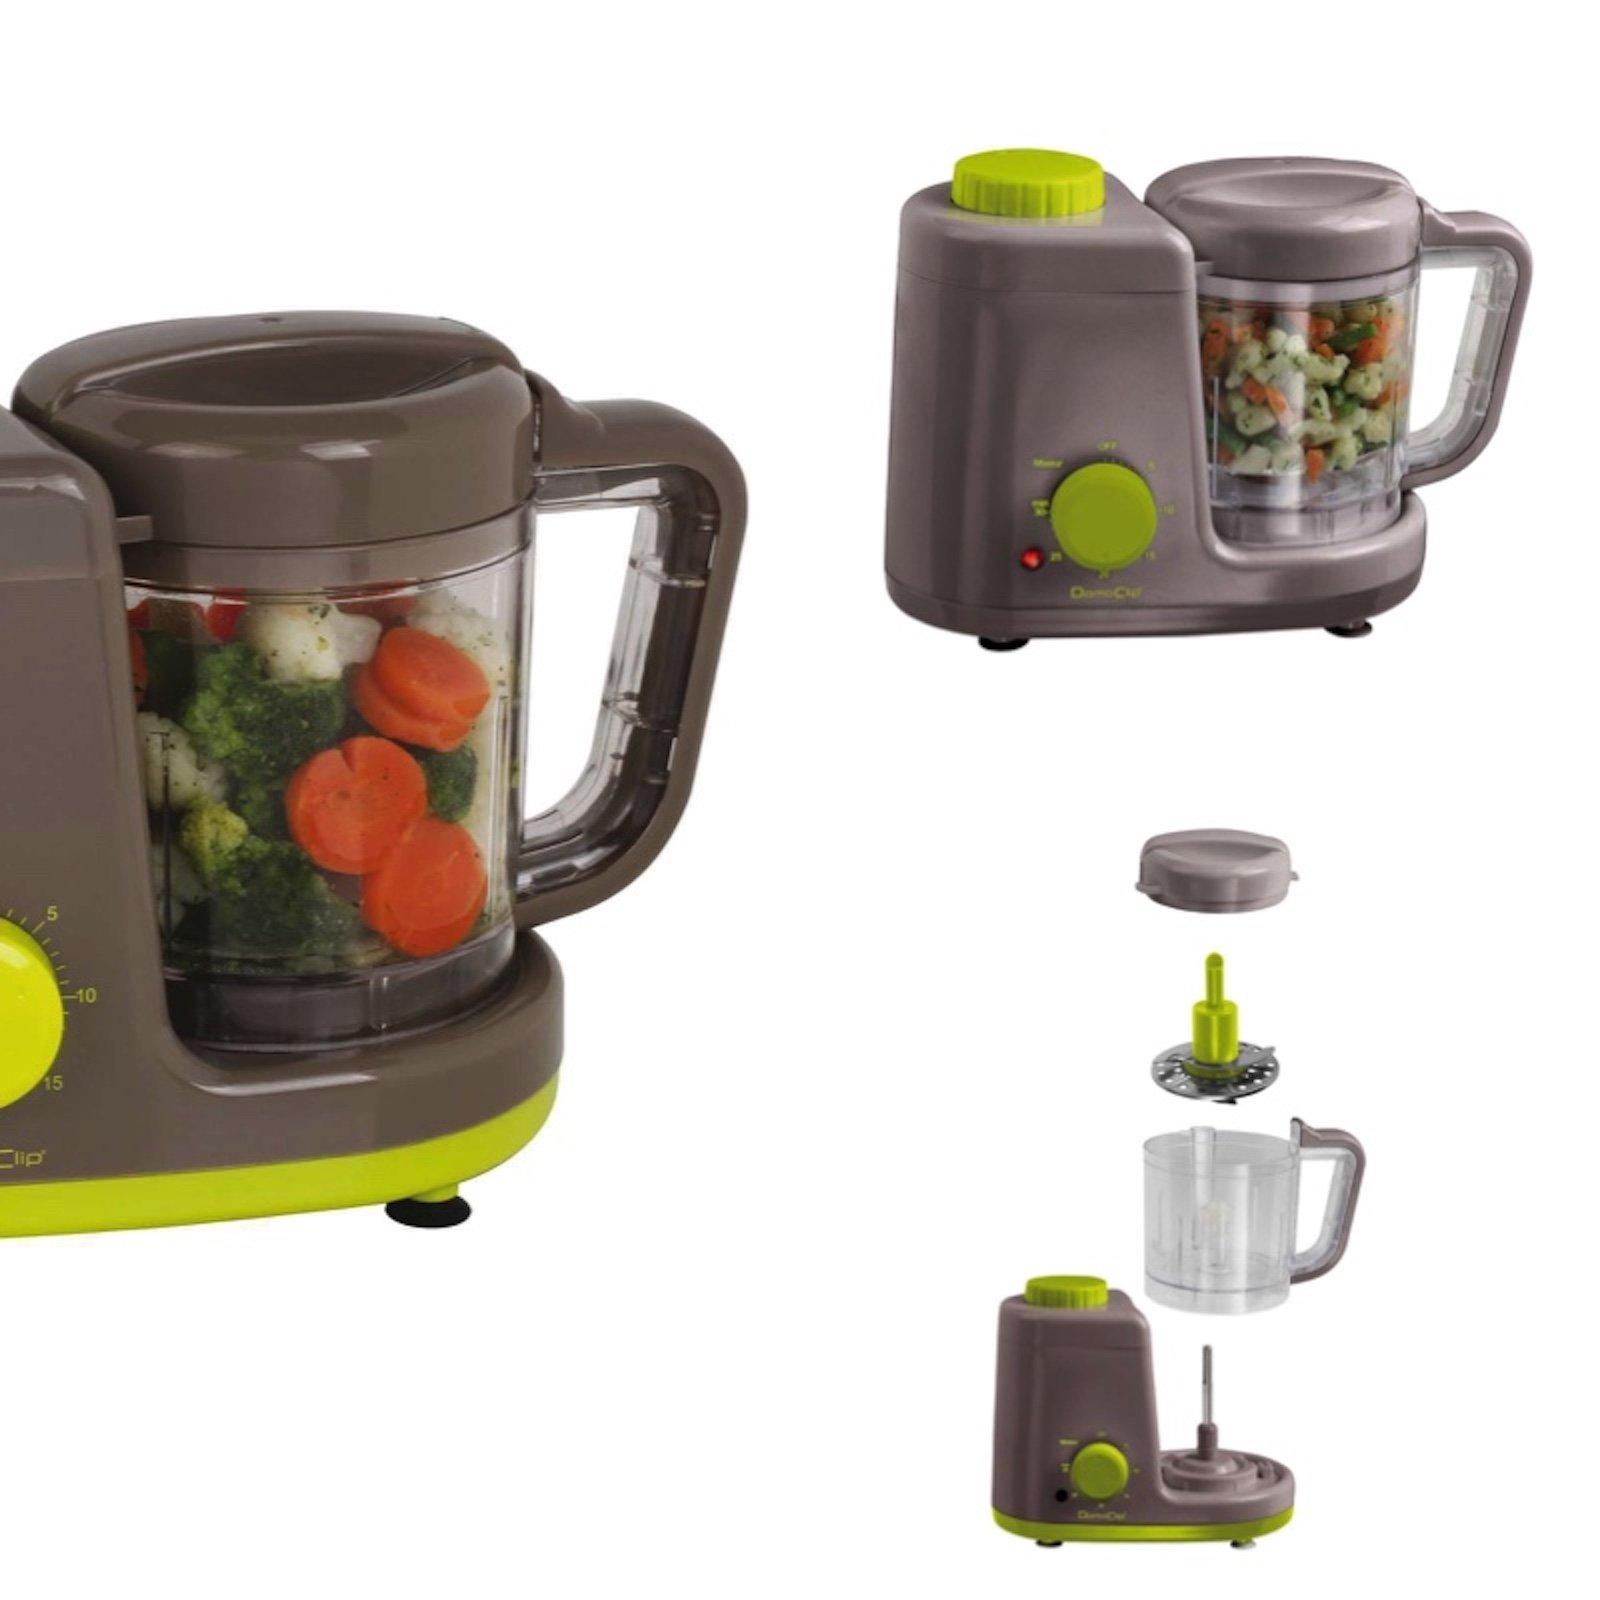 4in1-Mixer-Dampfkocher-Warmhaltfunktion-Zubereitung-fr-Babynahrung-Dmpfer-Dampfgarer-Timer-Standmixer-Smoothie-Maker-Baby-Kchenmaschine